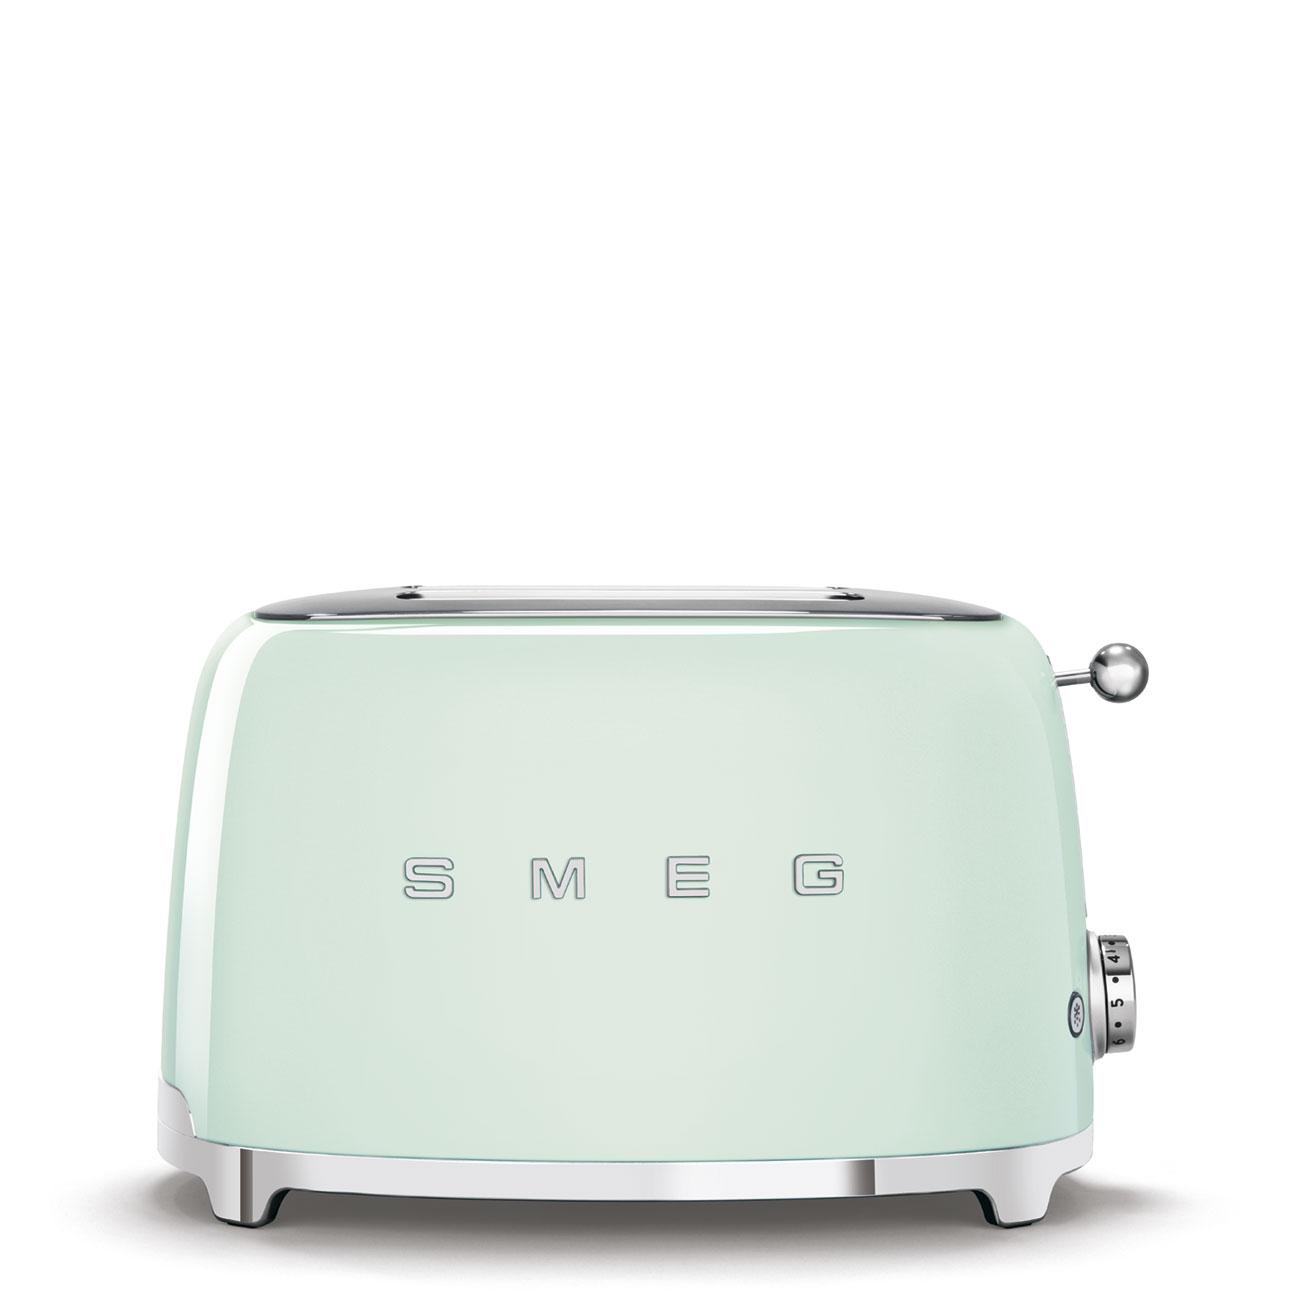 toasters vert d'eau Smeg